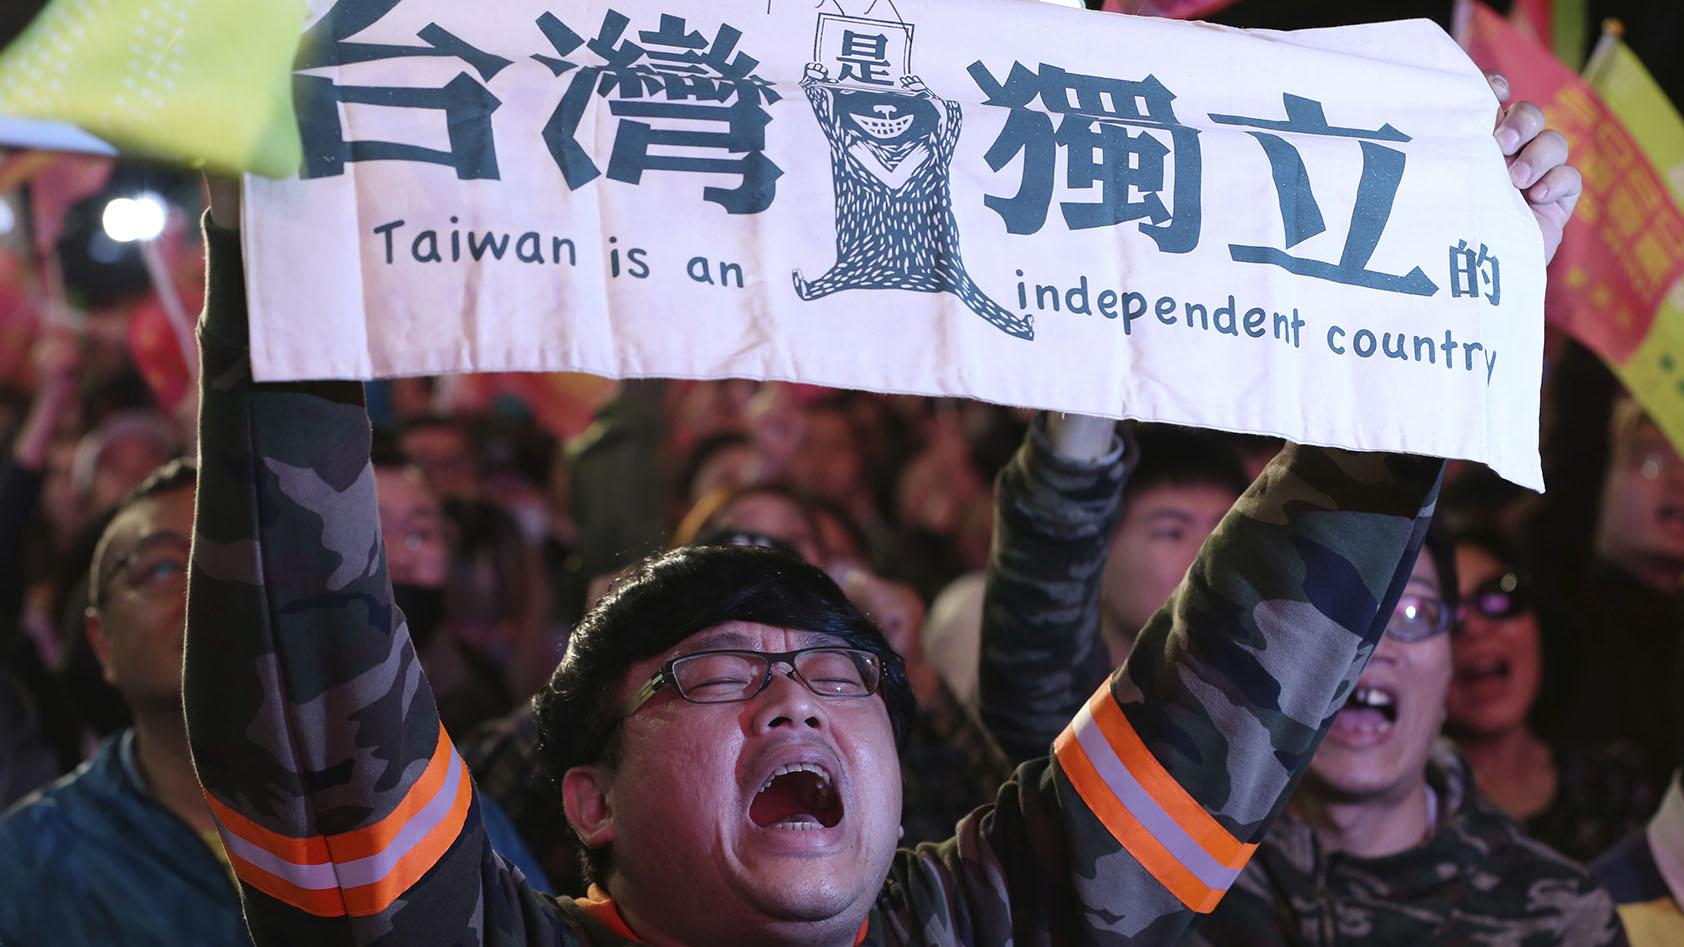 在台湾总统选举活动中,有人打出台湾独立的标语。(美联社)